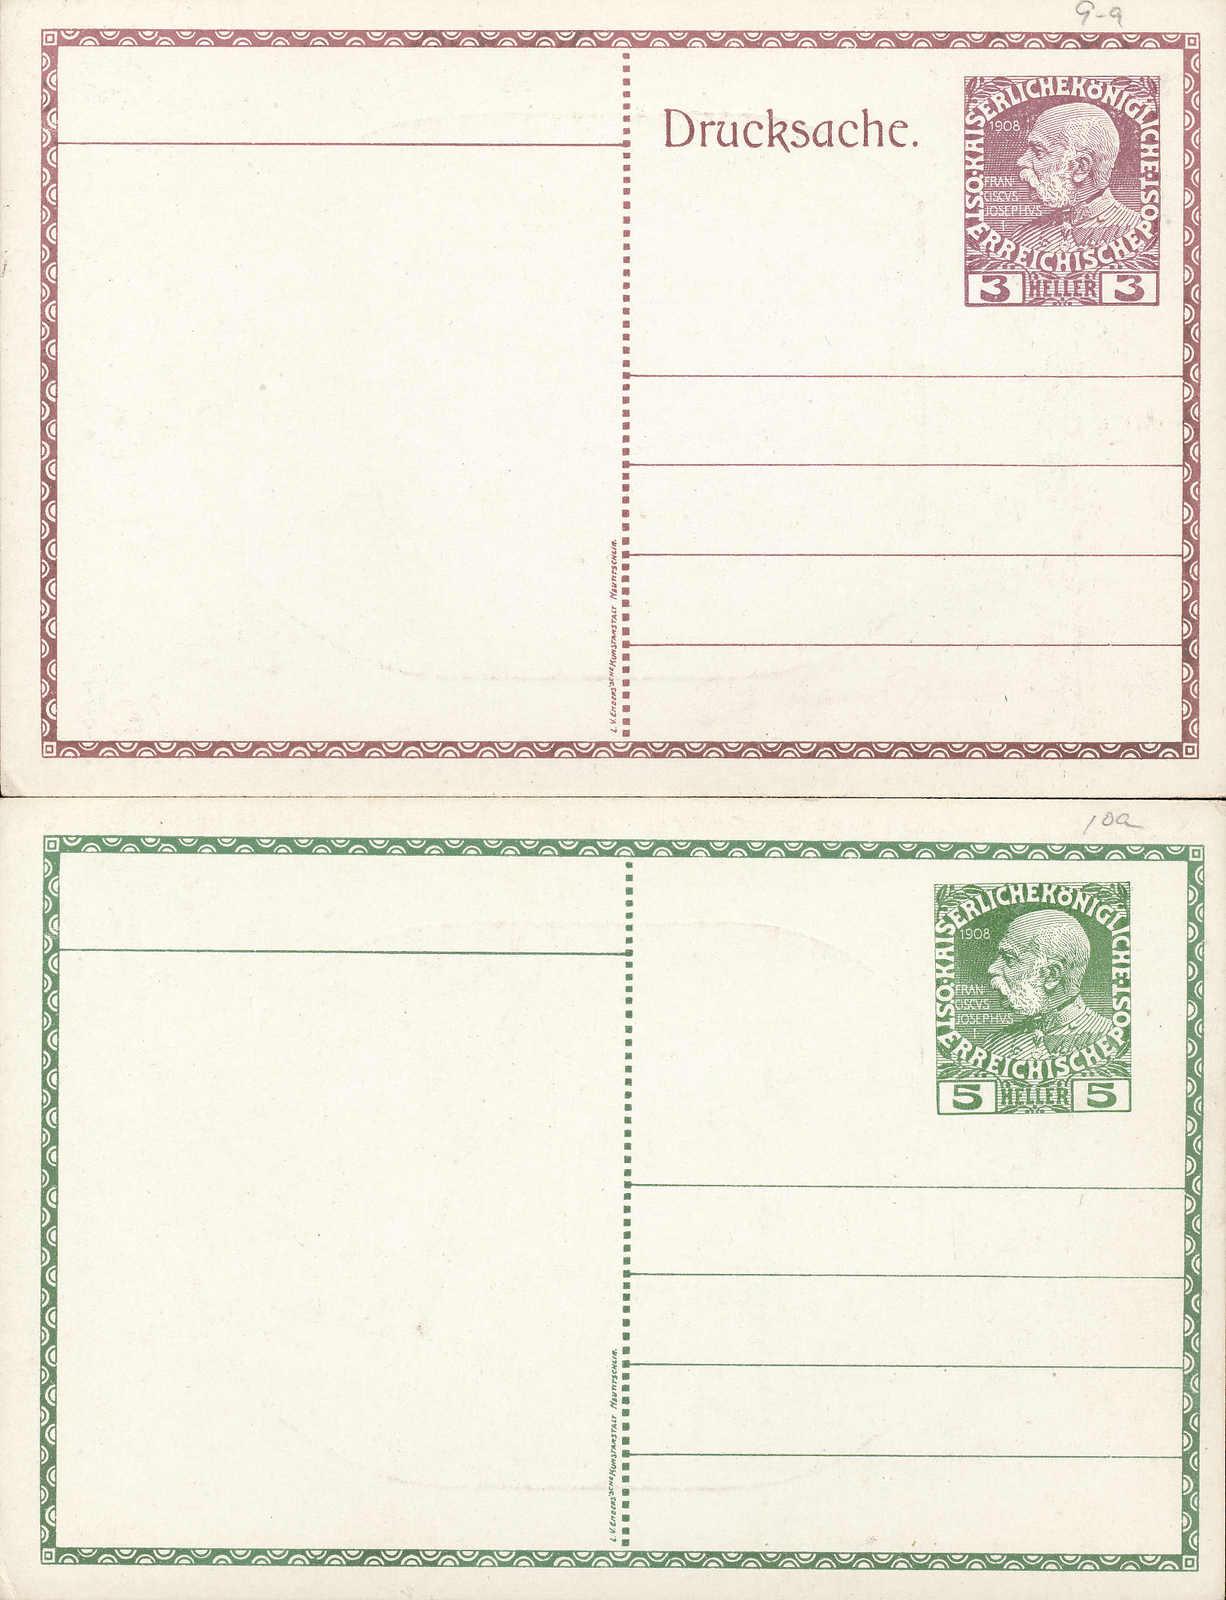 Lot 1637 - österreich  -  MH Marken GmbH Auktion 118